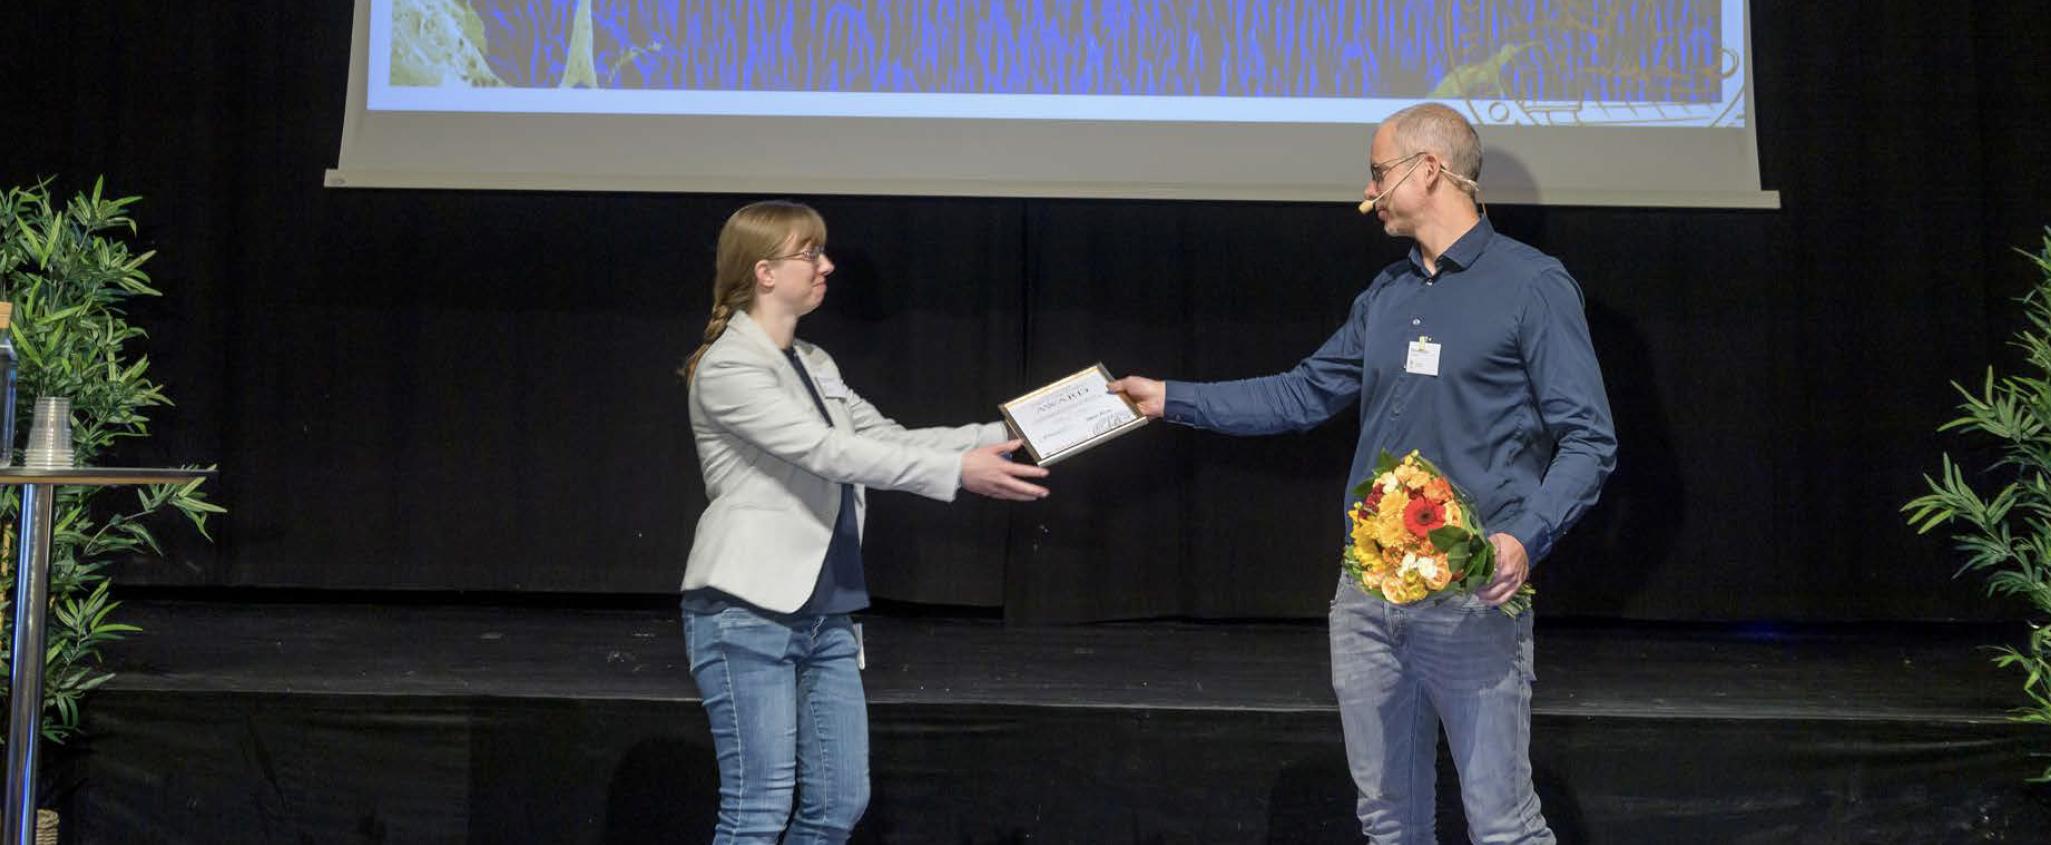 Photo of Award Ceremony.